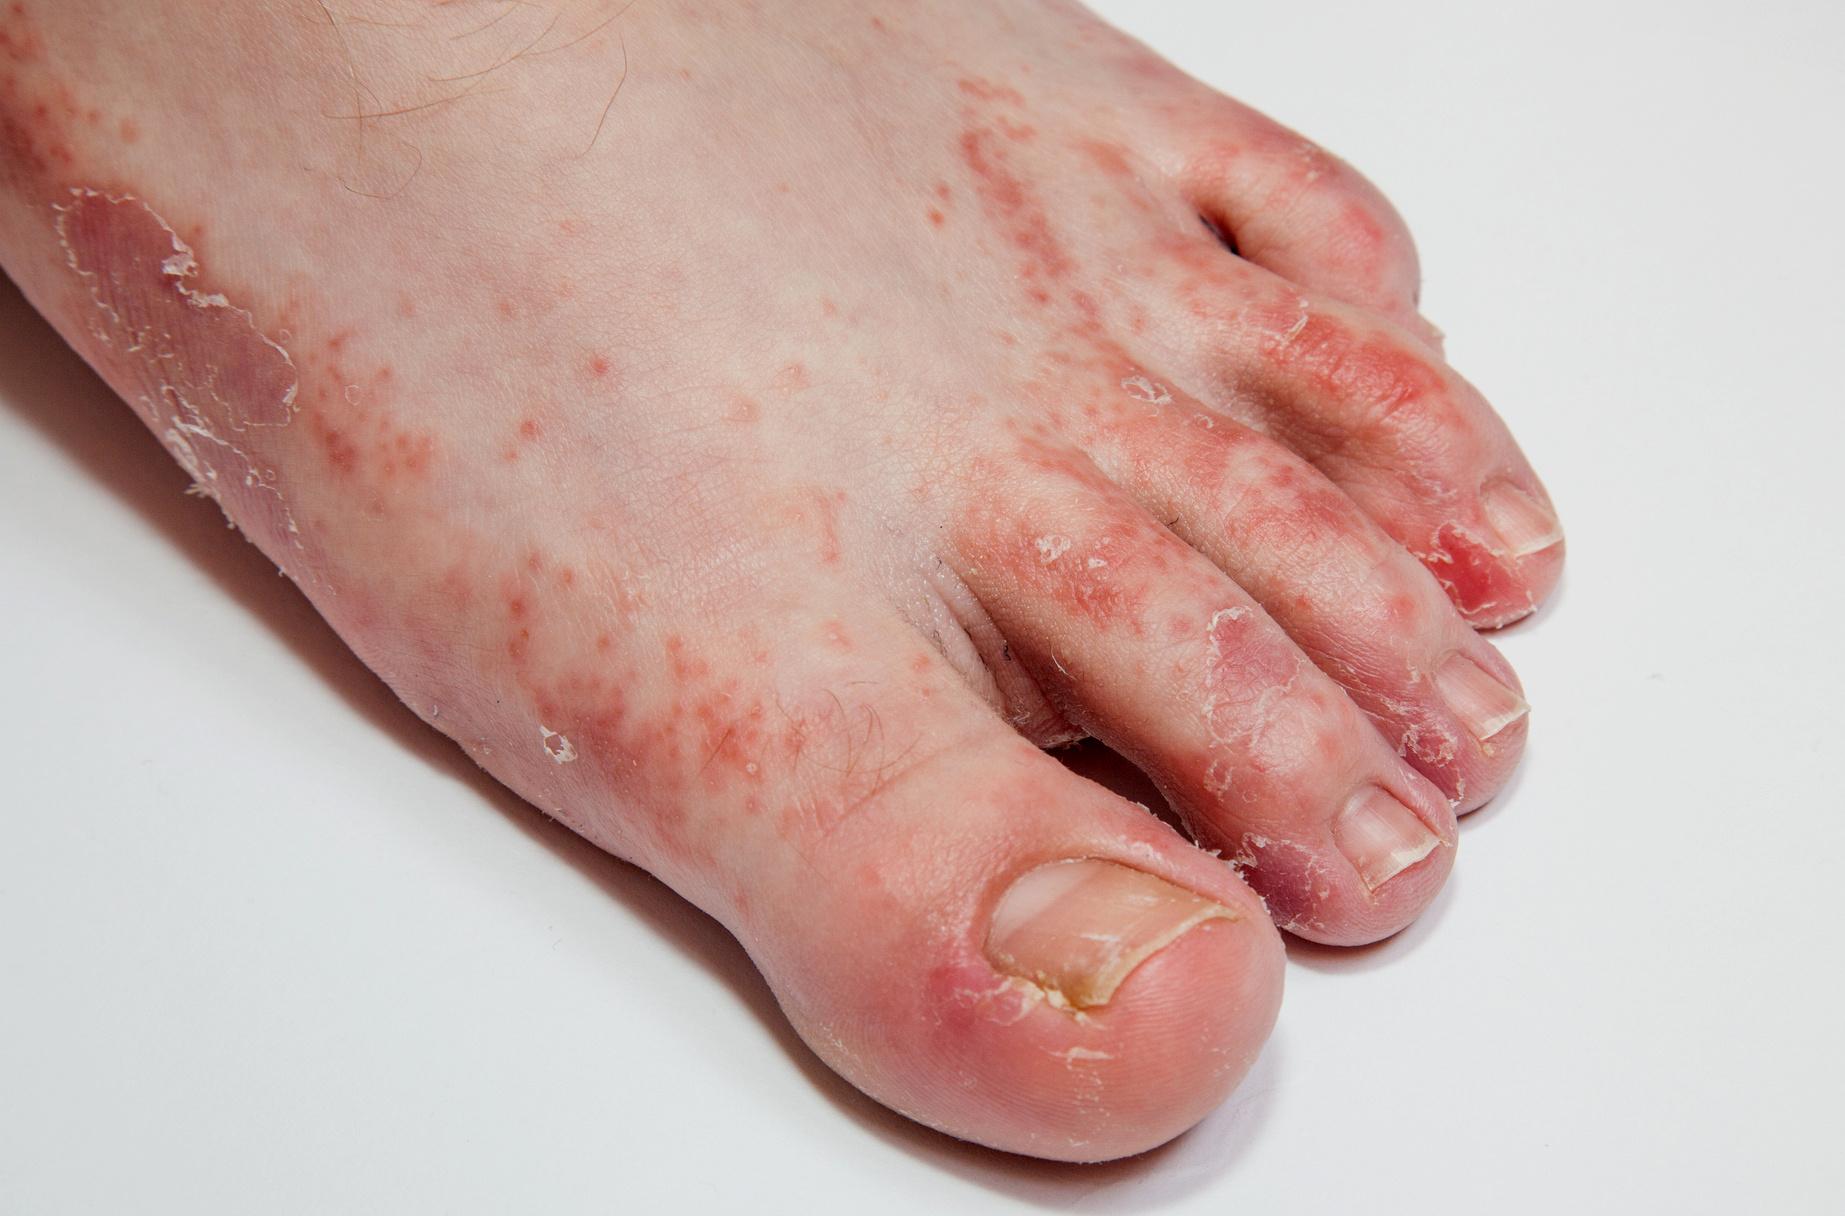 hogyan kell kezelni a lábán lévő vörös foltokat a gombától epiphyllum pikkelysömör kezelése